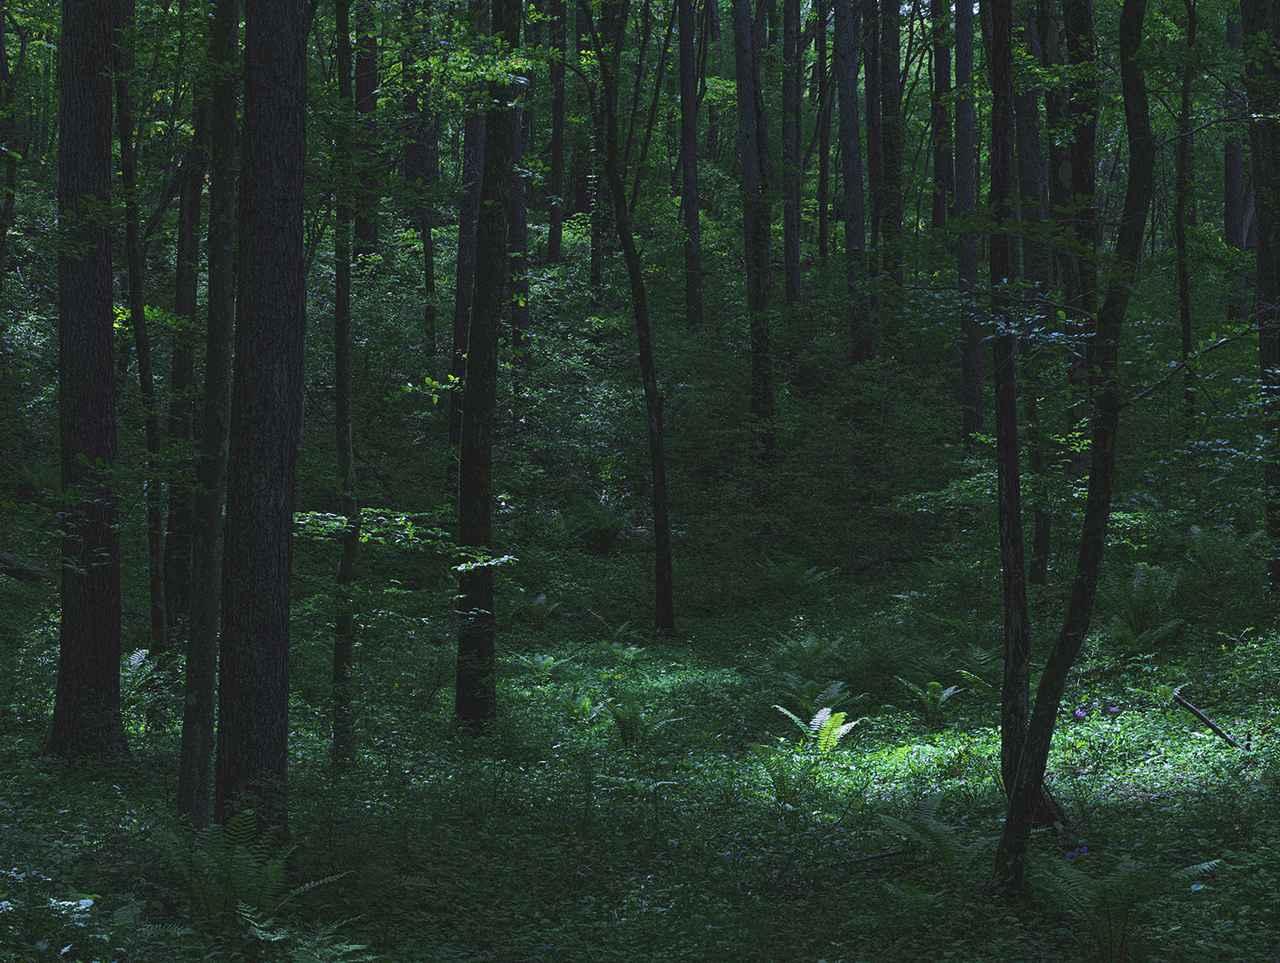 画像4: ブランド設立の背景【森の食用化を試みる実験】